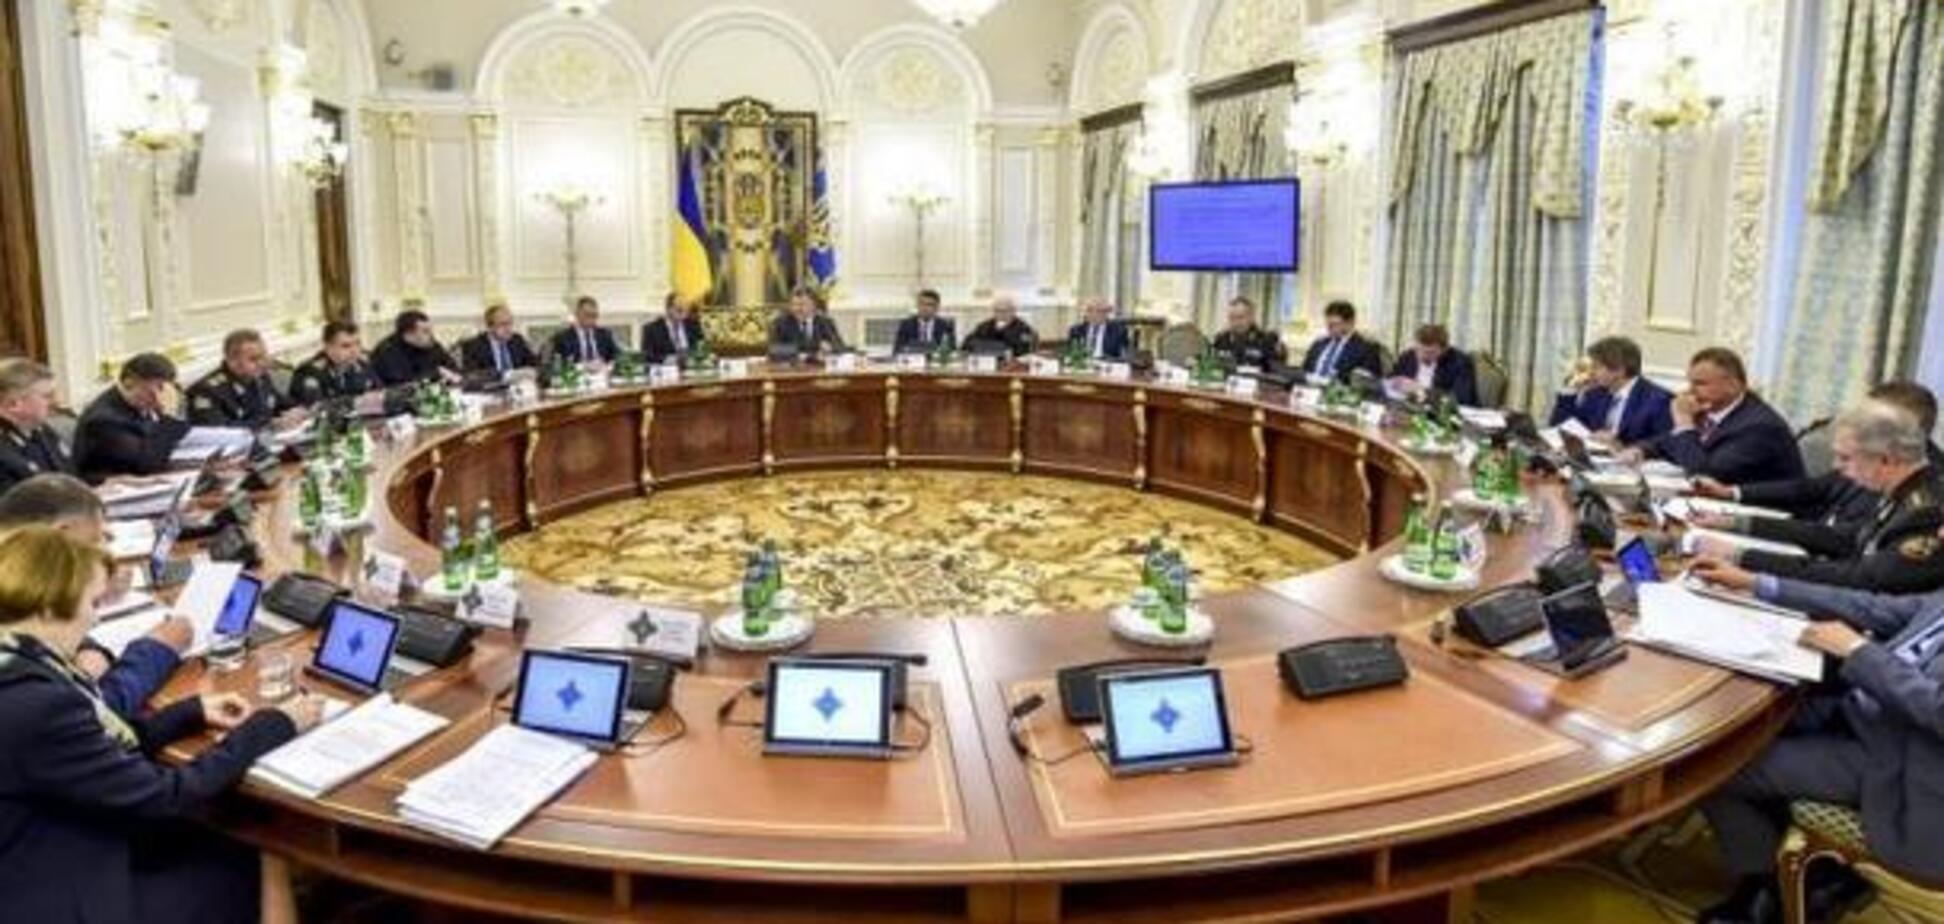 Российские компании не попали под санкции: озвучен серьезный просчет СНБО